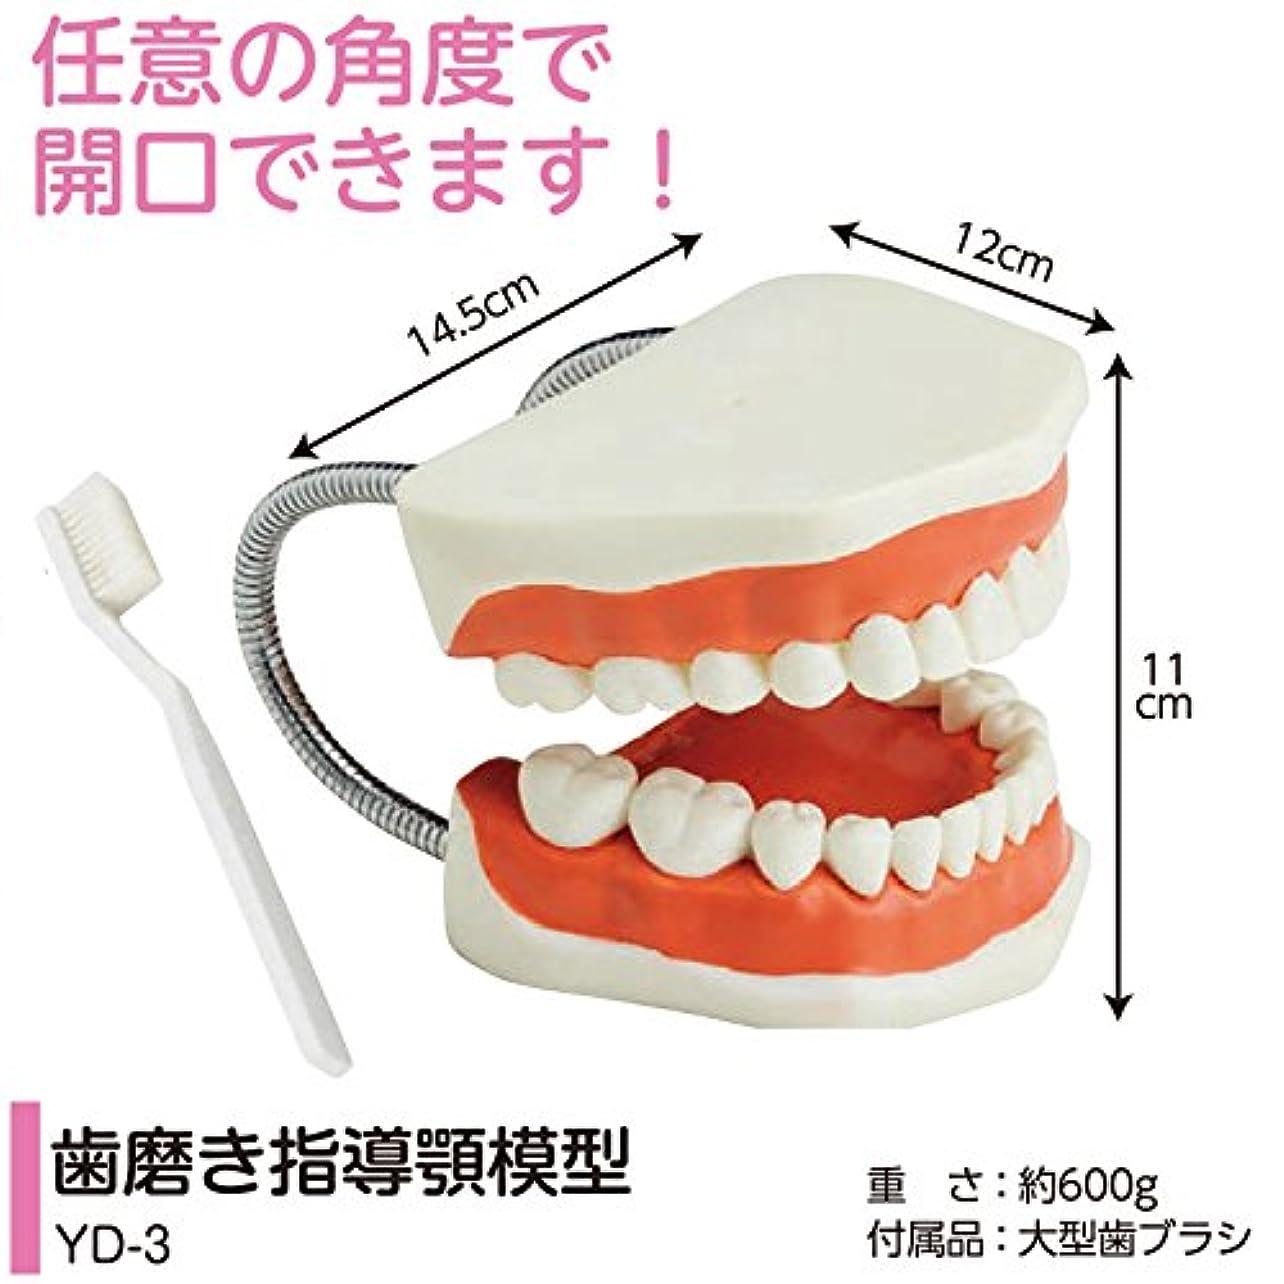 後退するボウリング反論歯磨き指導用 顎模型 YD-3(歯ブラシ付) 軽くて持ちやすい歯みがき指導顎模型